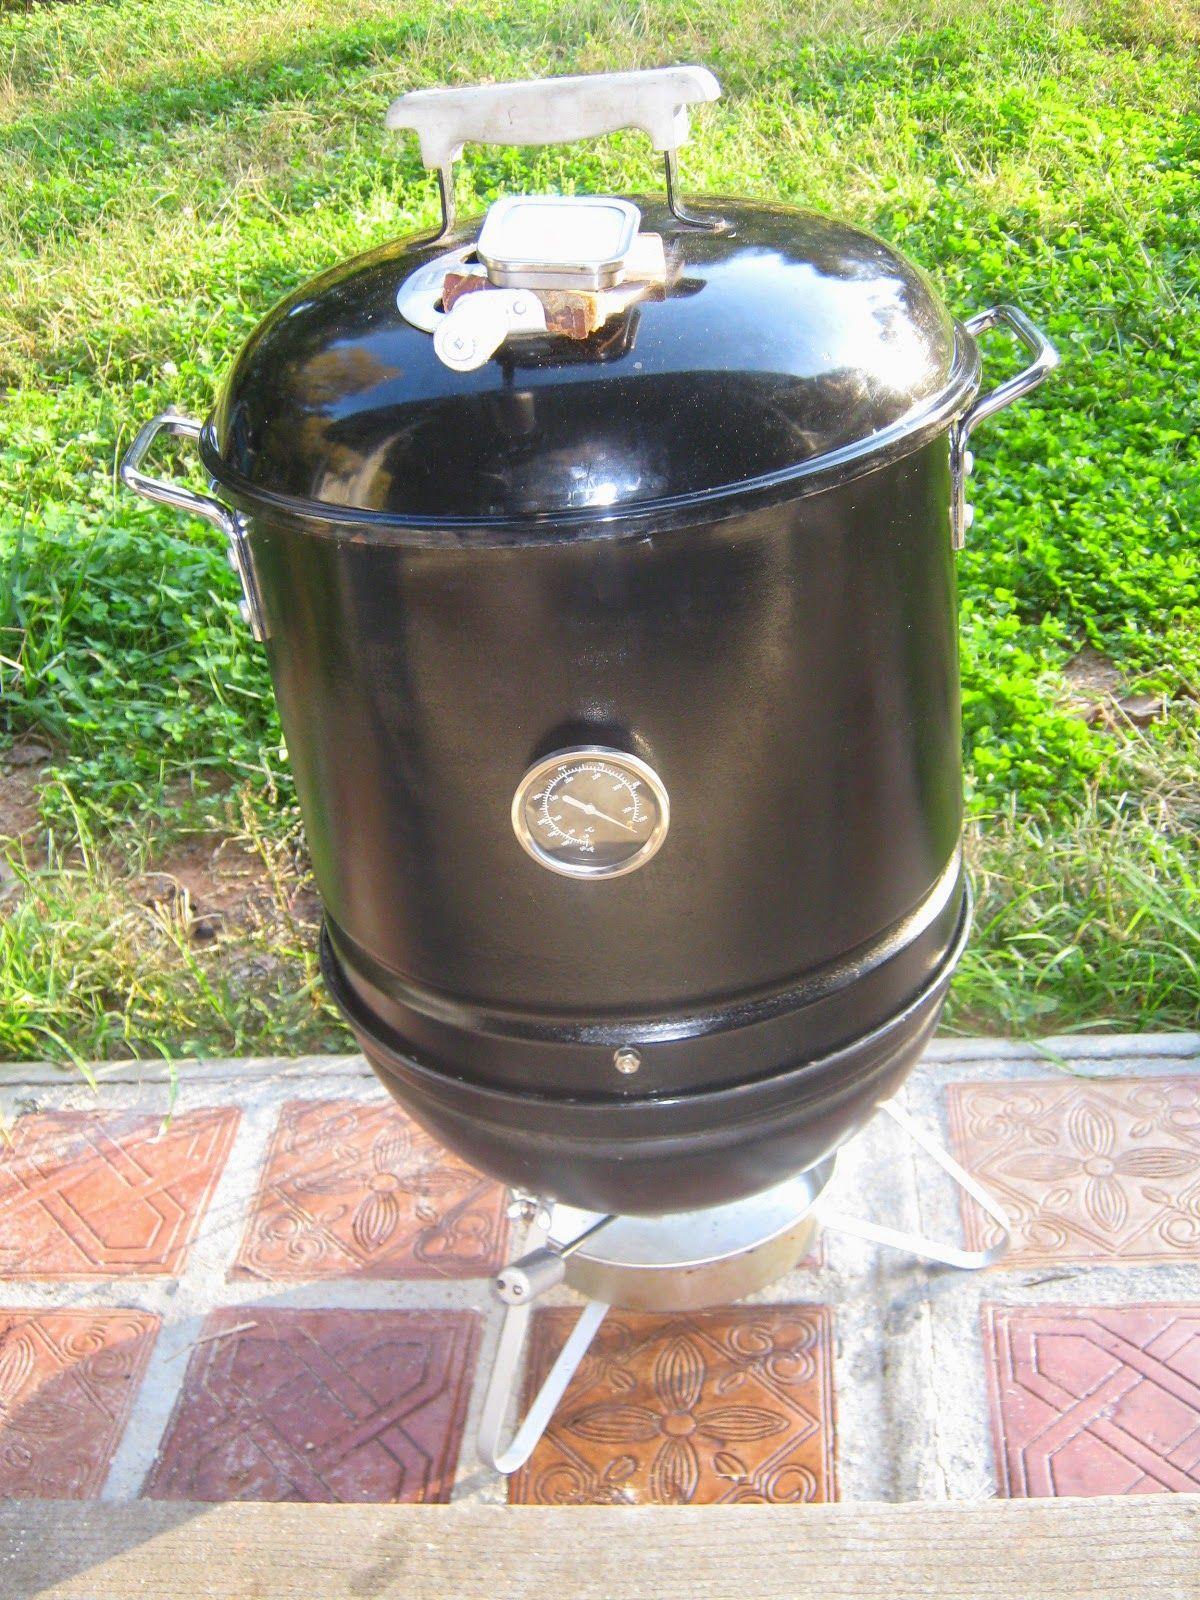 Portable Smoker The Mini Weber Smokey Mountain Ray S Garden Weber Smokey Mountain Smokey Mountains Portable Smoker